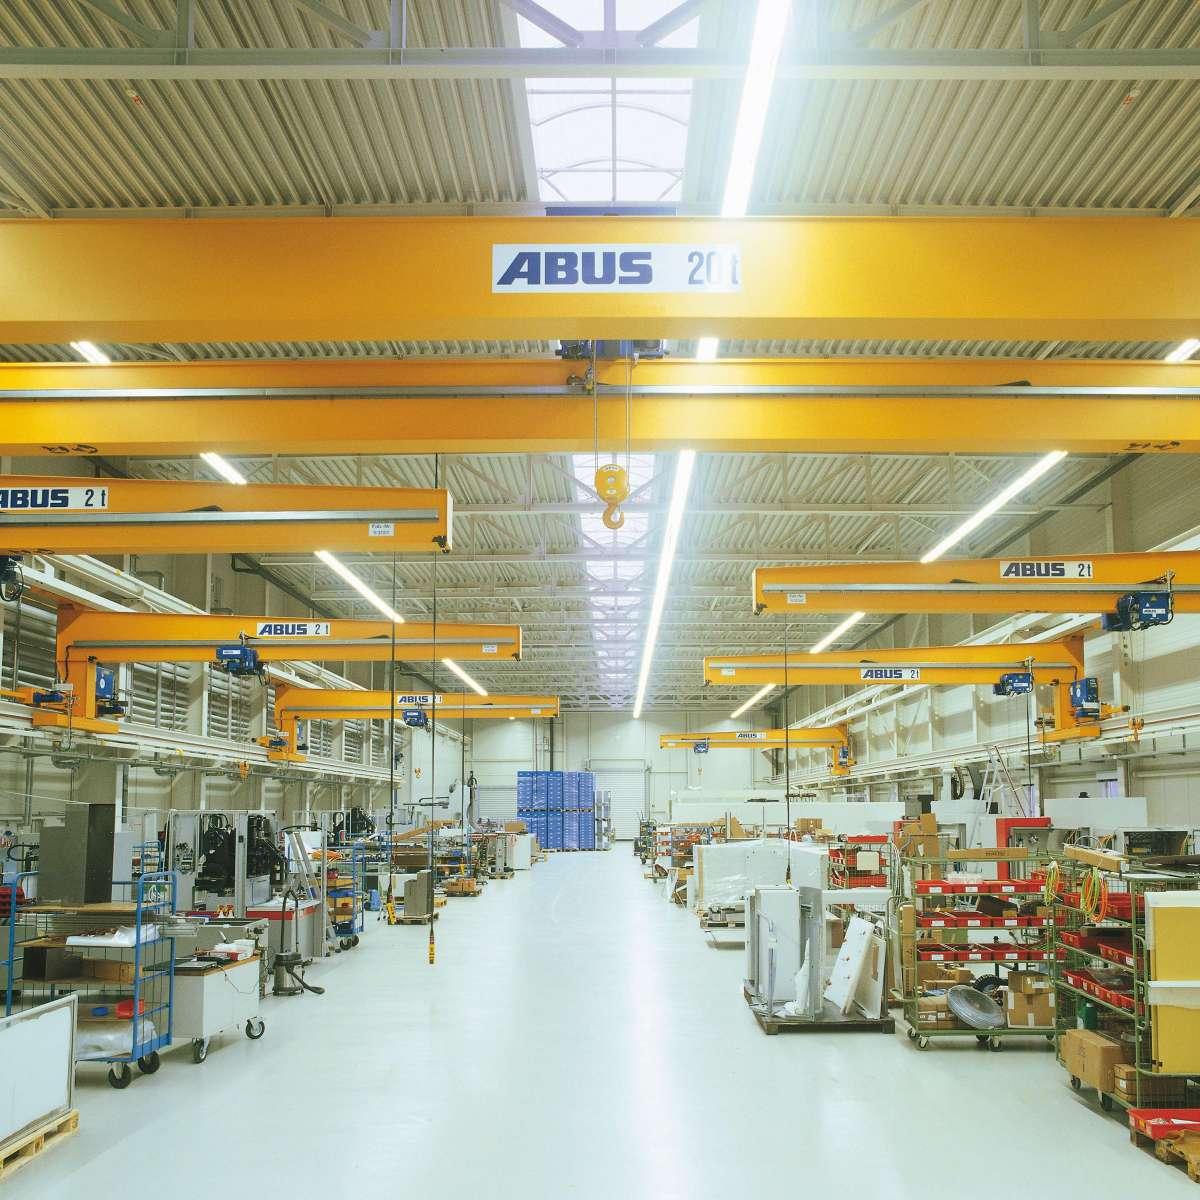 exeron GmbH | Oberndorf • Gleichmäßige Ausleuchtung der Produktionshallen unter Einhaltung der Brandschutzvorgaben beim Neubau einer Industriehalle.